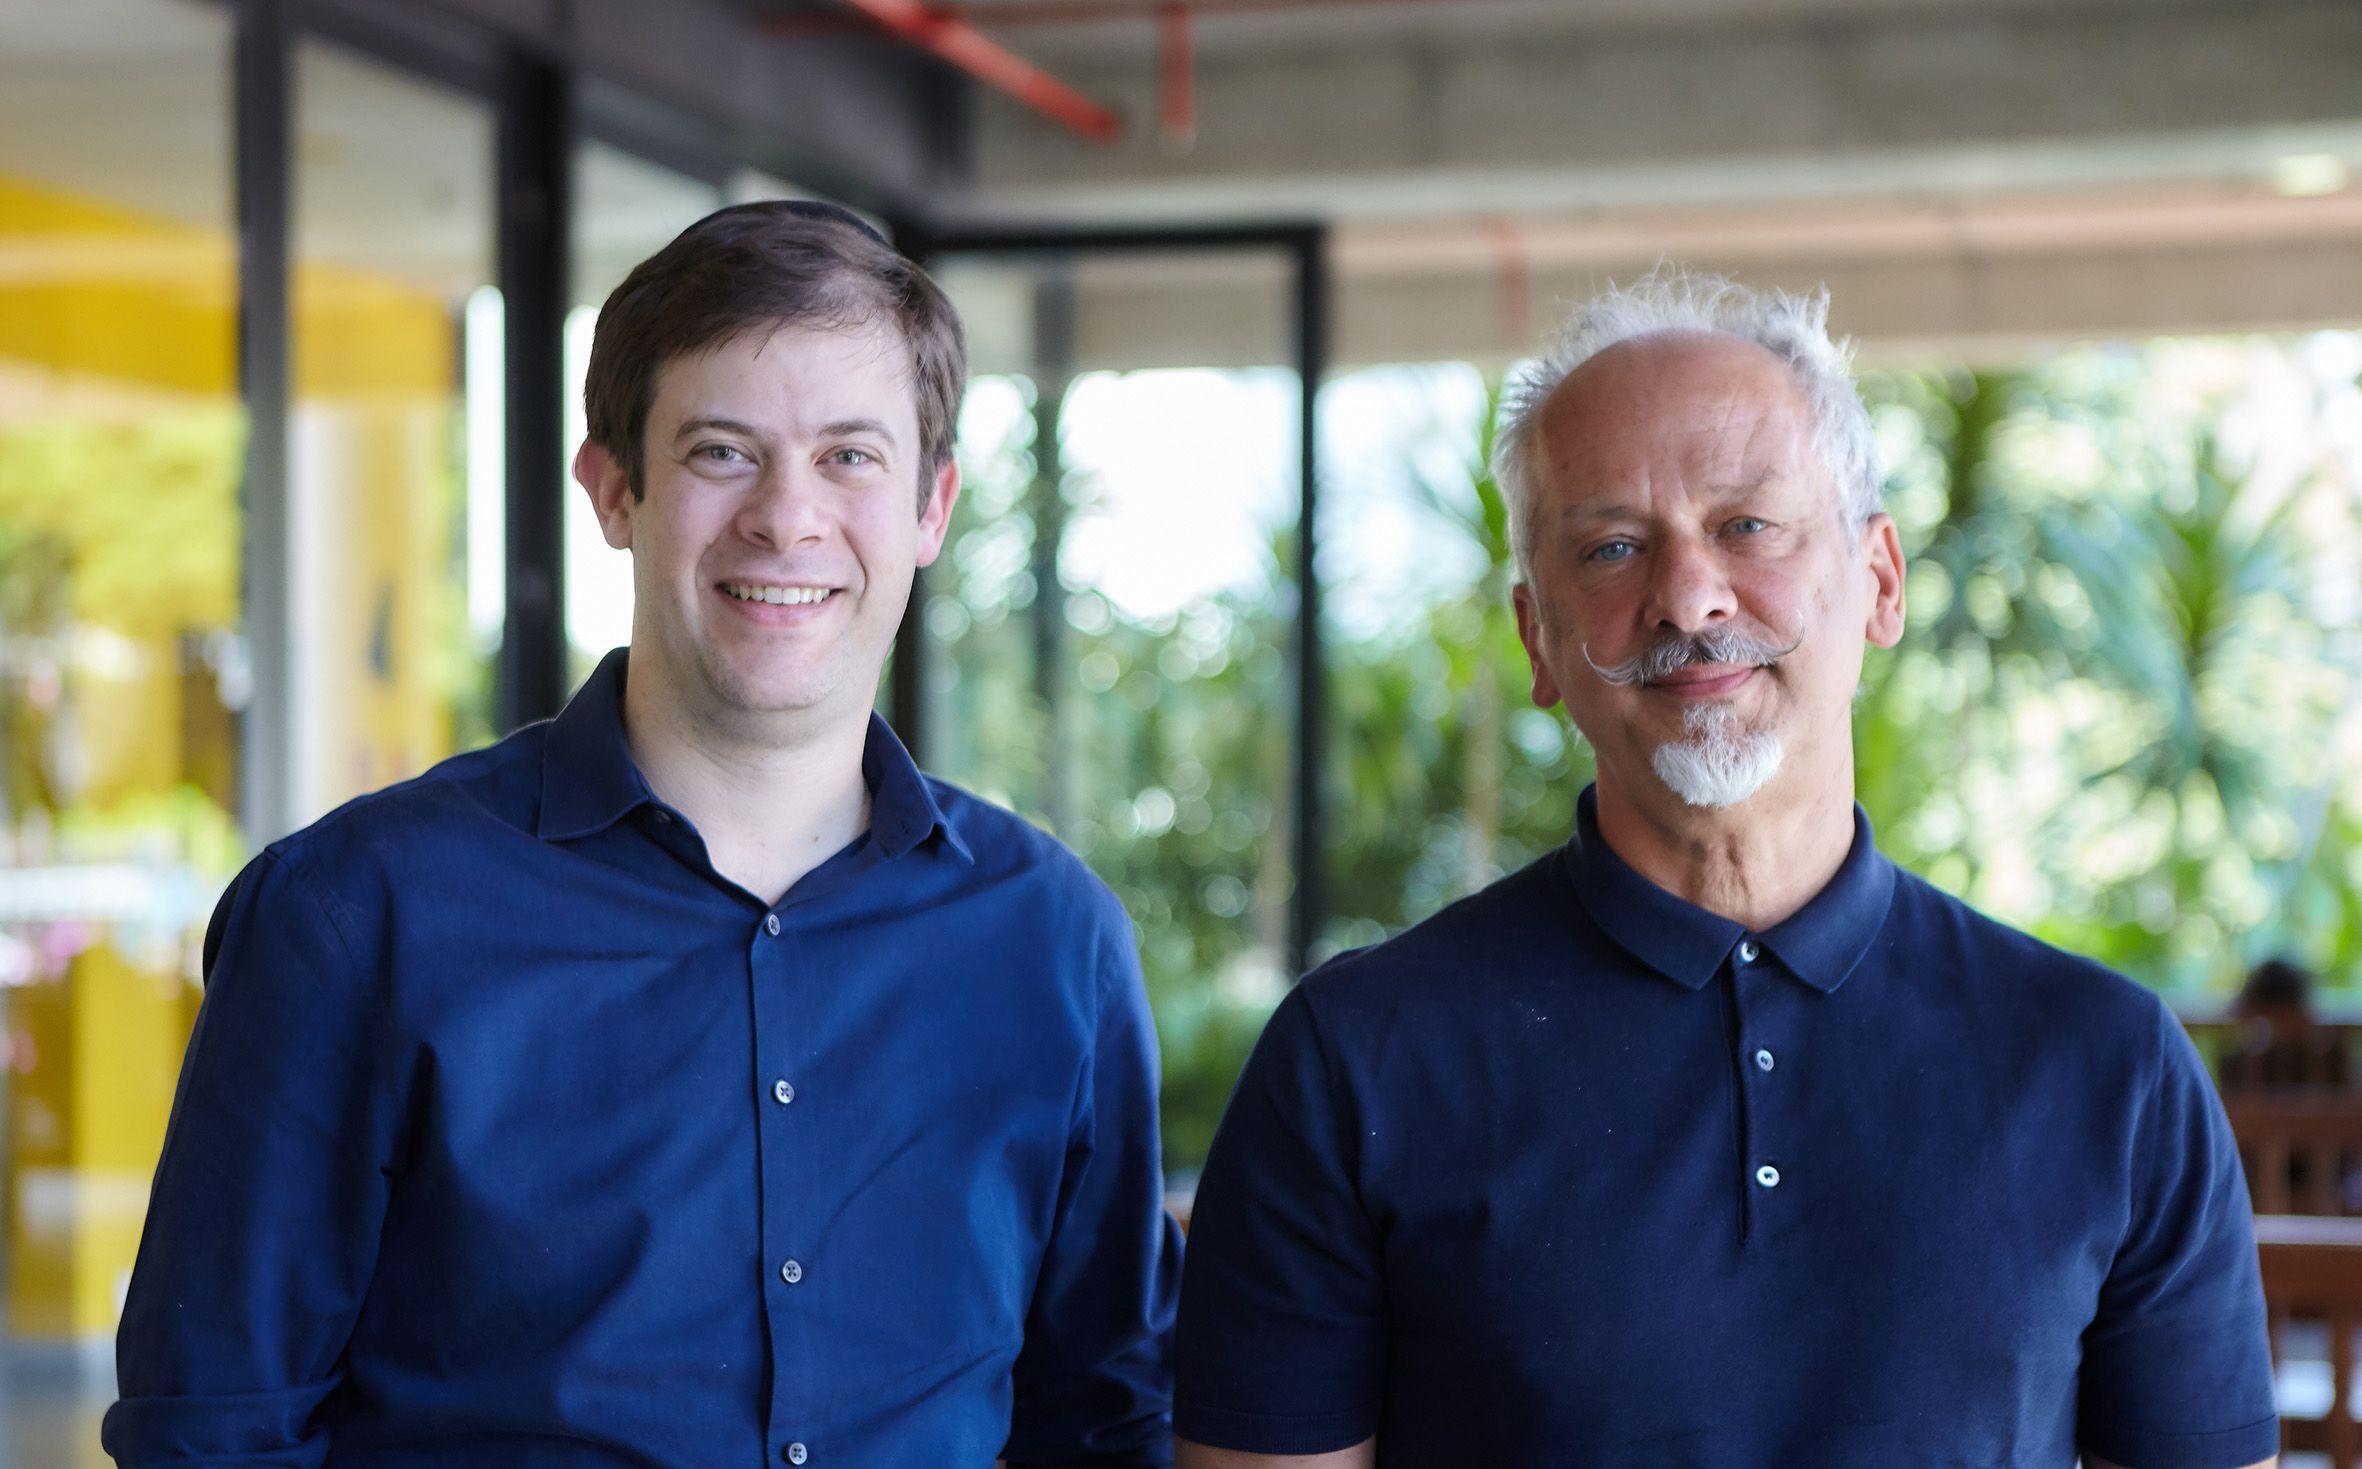 525d4860e Da esquerda para a direita: Roberto Grosman e Fernand Alphen, ambos co-CEOs